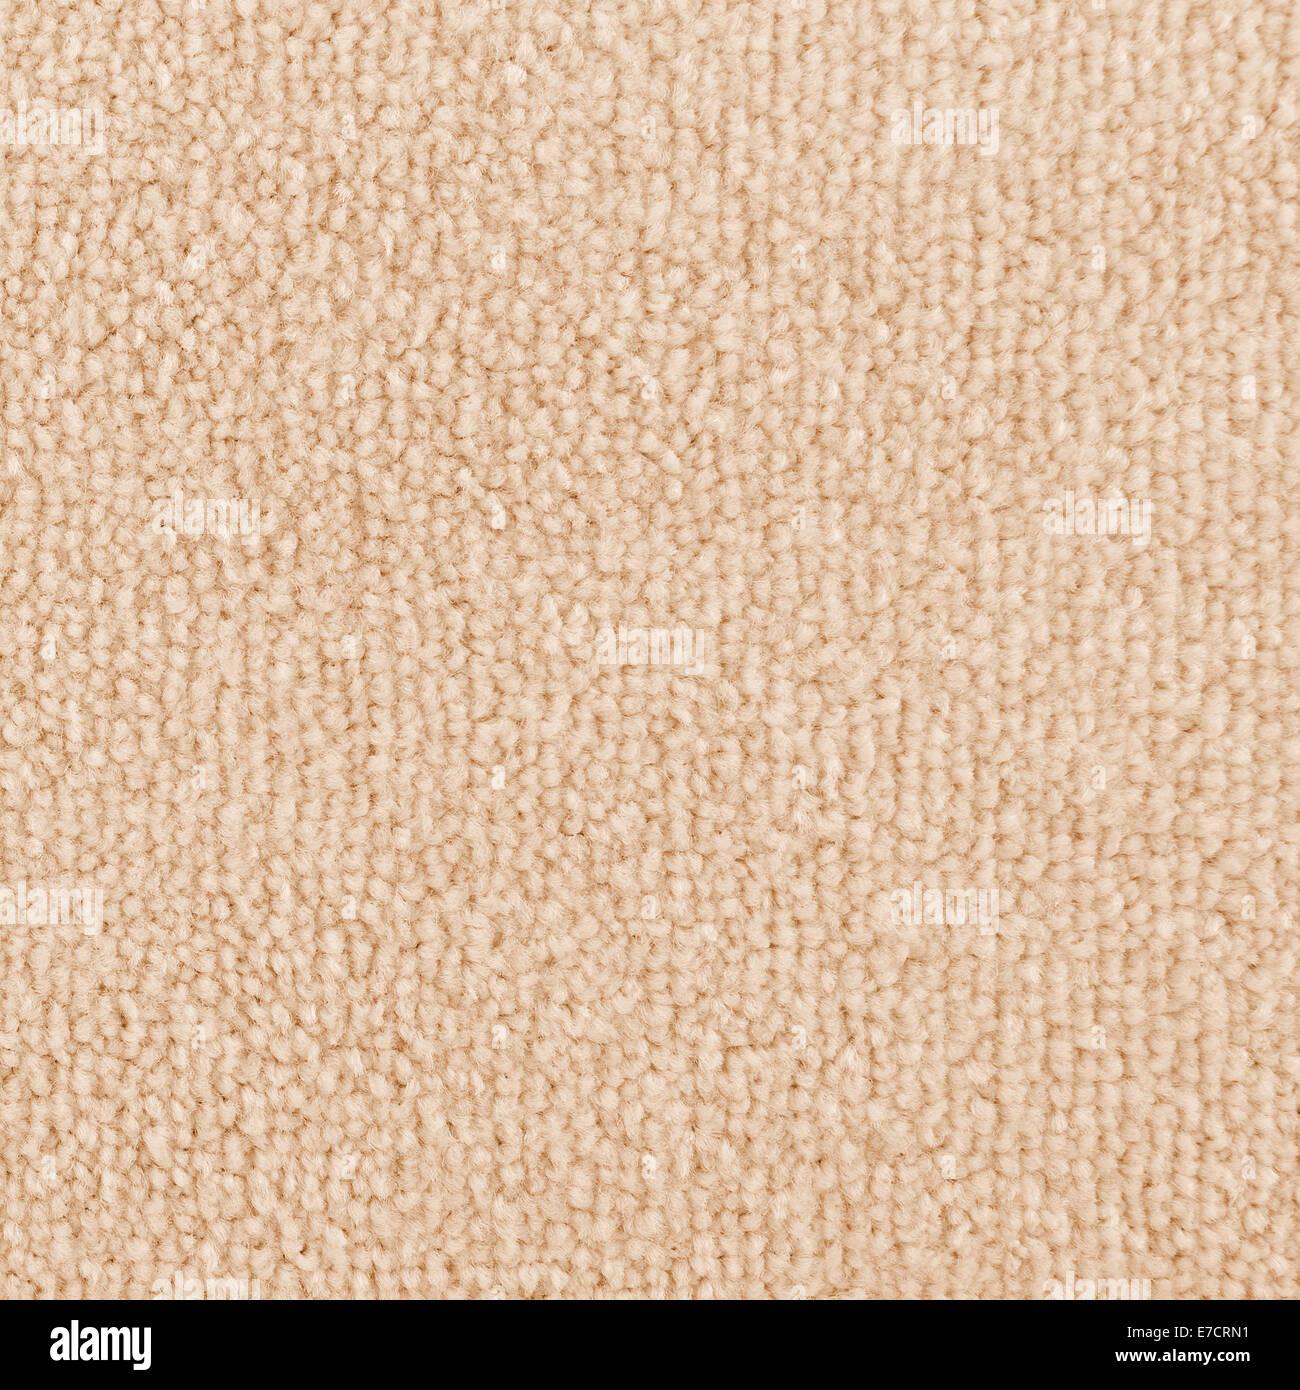 Neuer Teppich Textur. Hell Beige Teppichbodenbelag als nahtlose Hintergrund. Stockbild